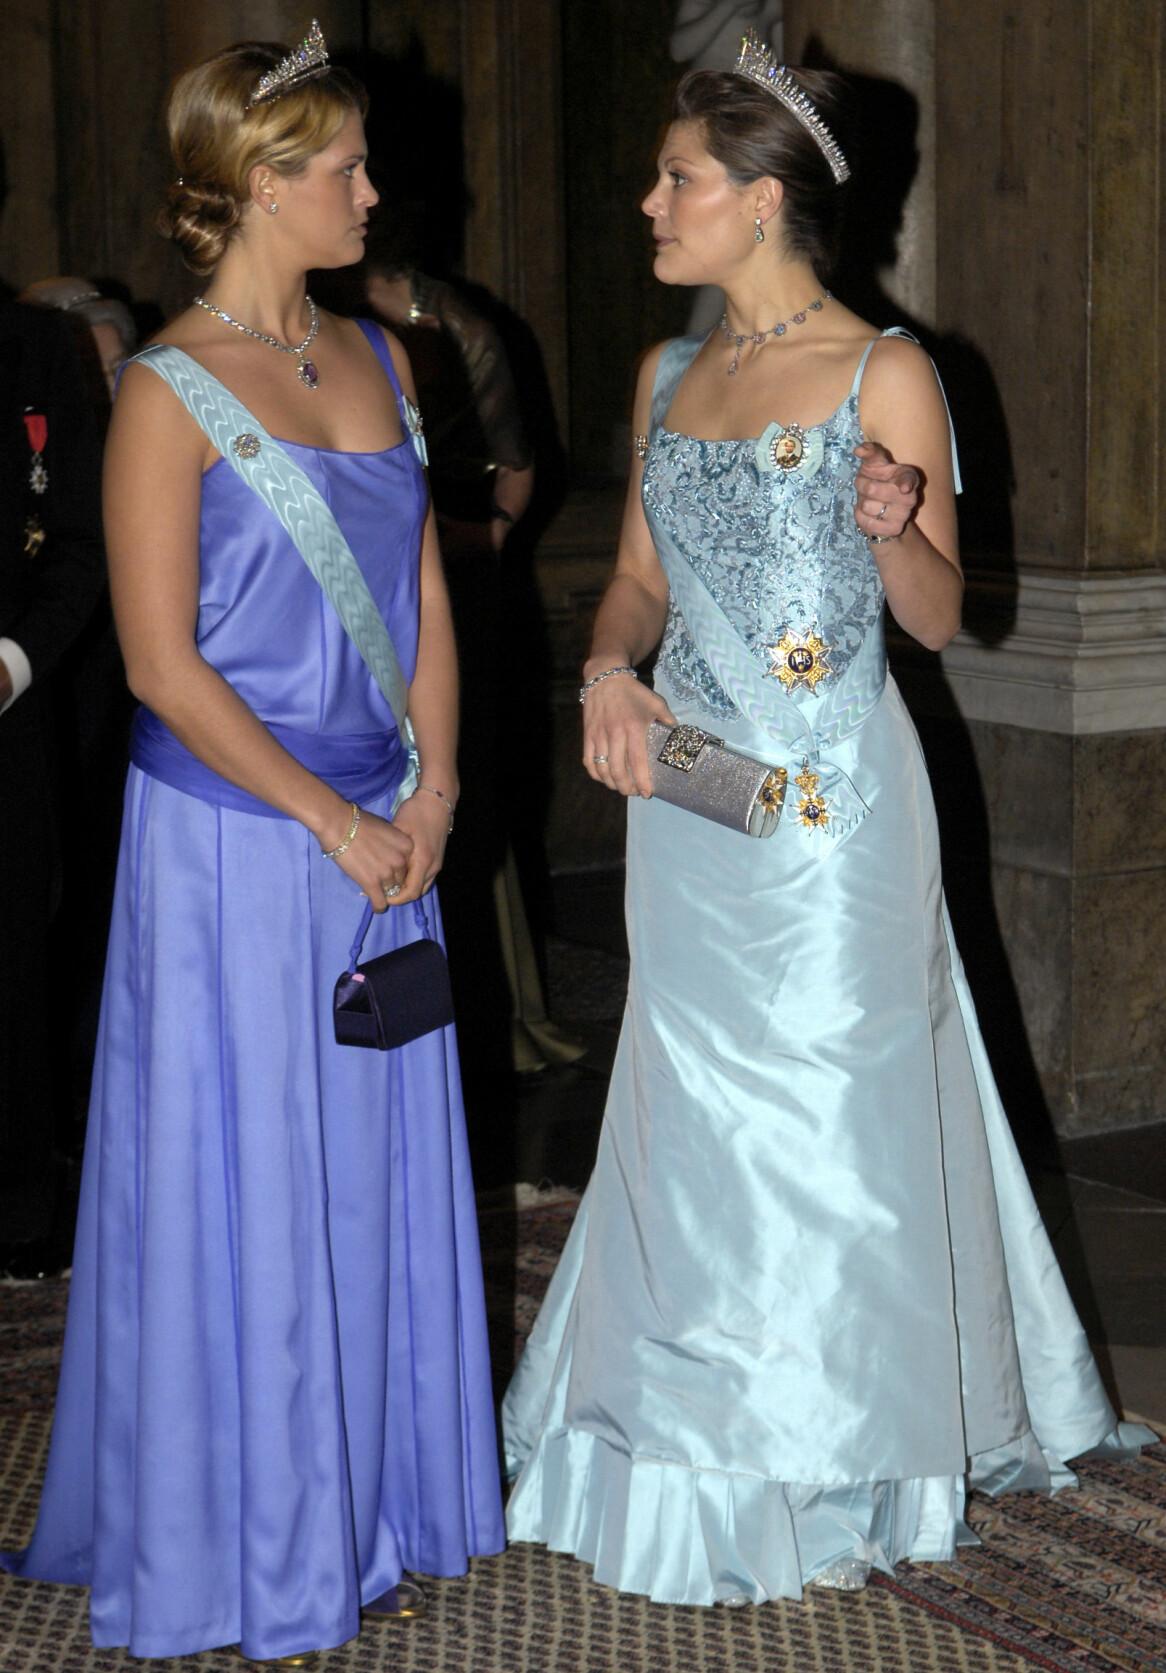 Prinsessan Madeleine och kronprinsessan Victoria under kungamiddagen på slottet i Stockholm 2006.